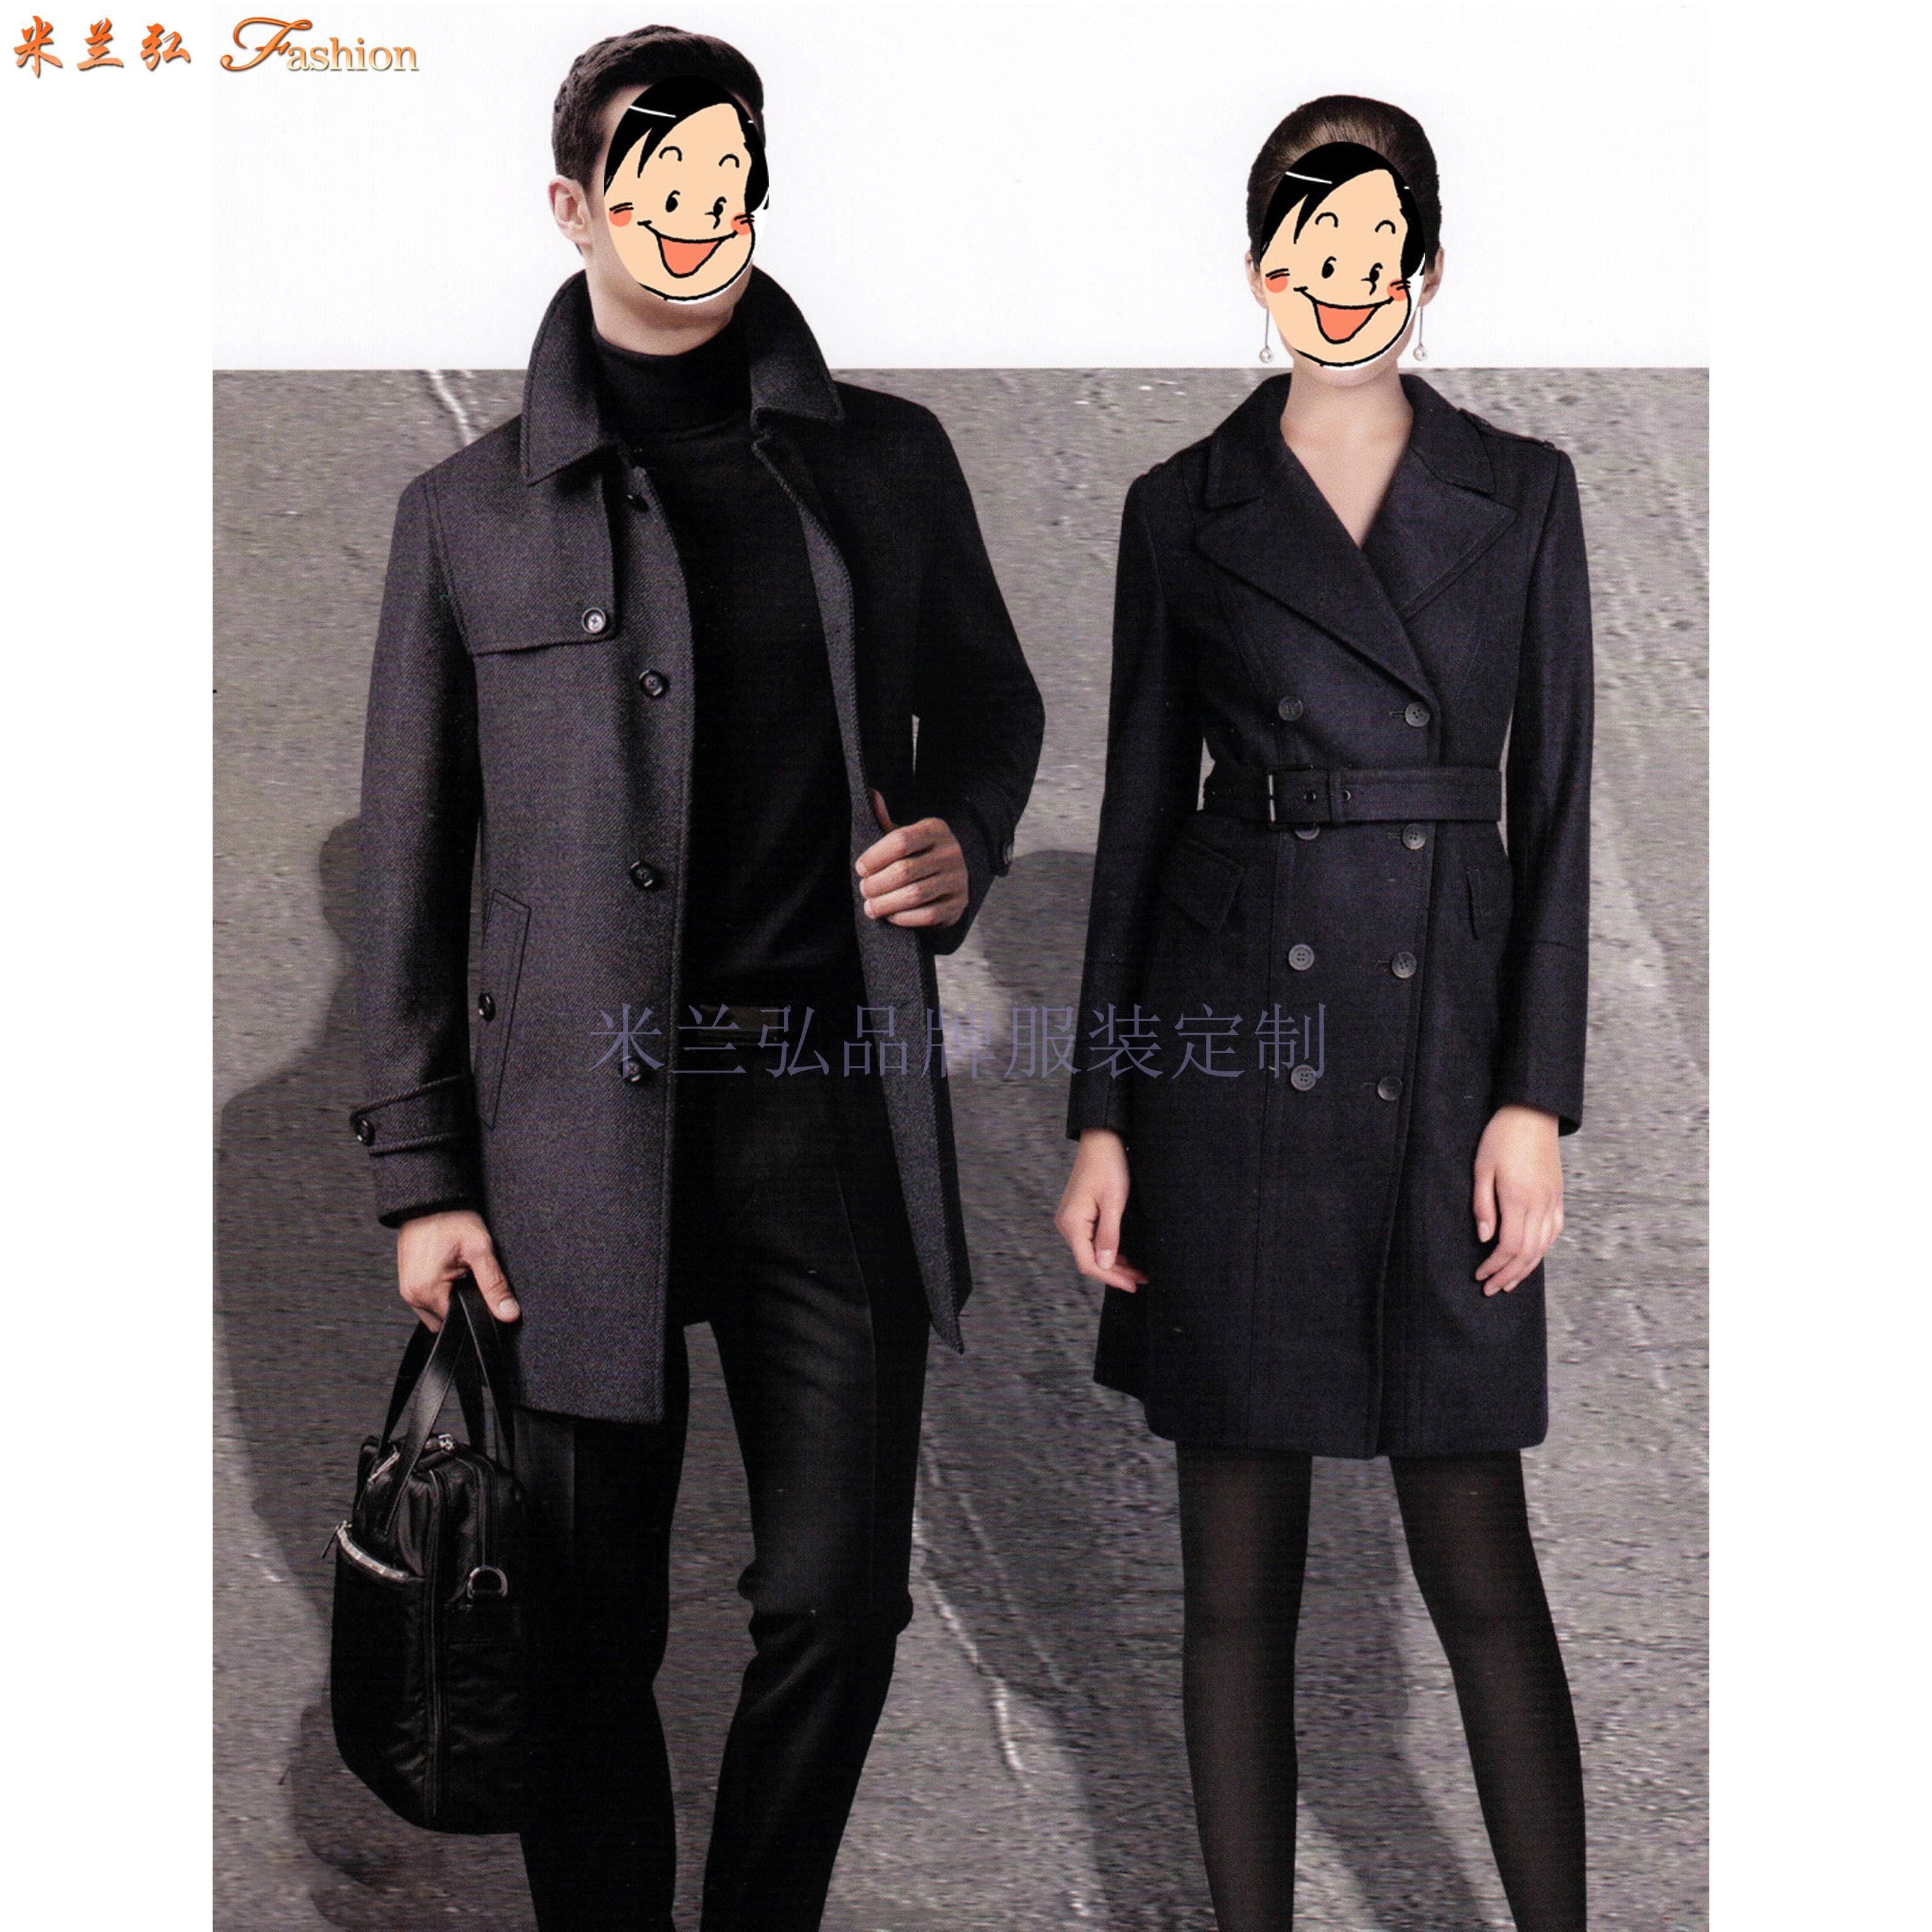 大衣定制價格多少?米蘭弘定做毛滌商務男女大衣價格低于699元-6